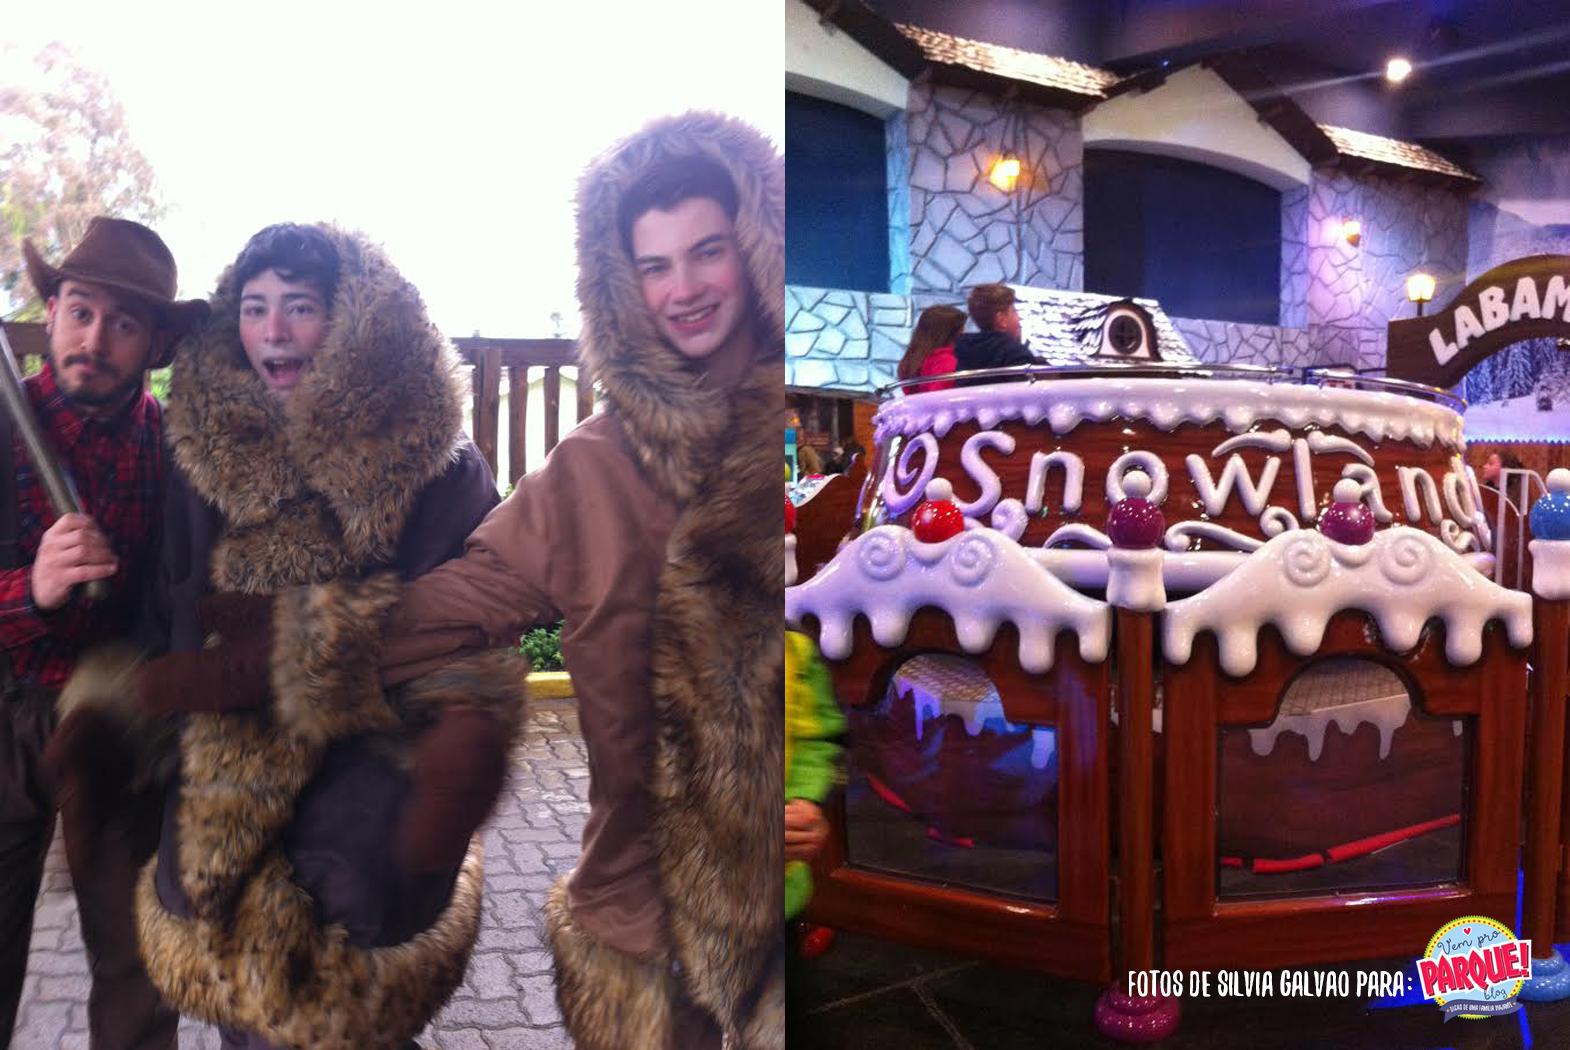 Snowland parque indoor de neve Gramado